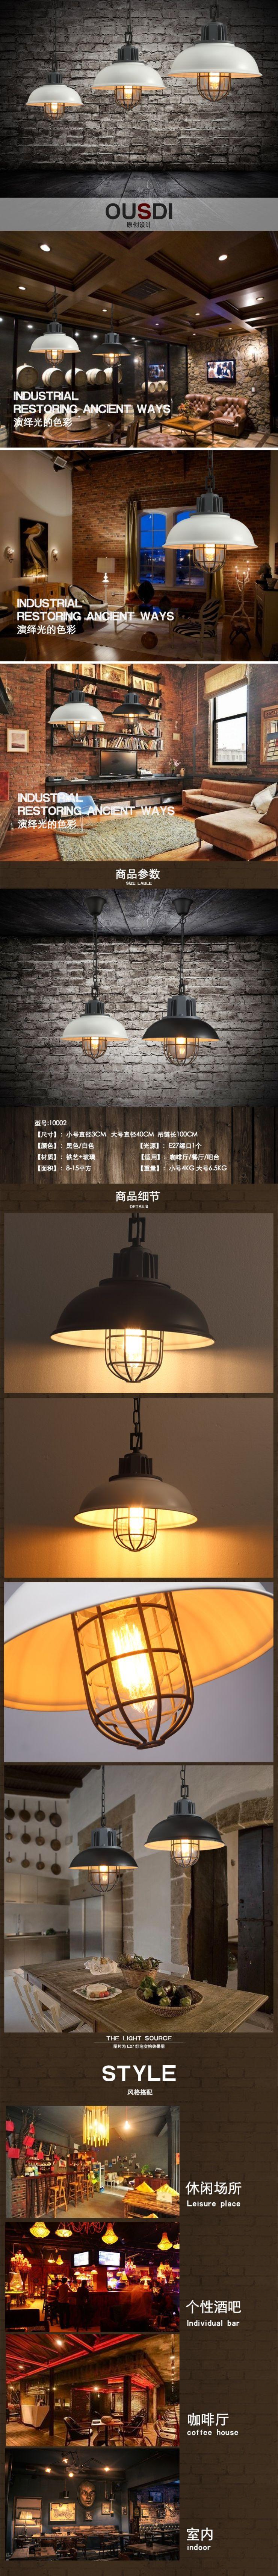 时尚炫酷原创工业风格灯具电商详情图